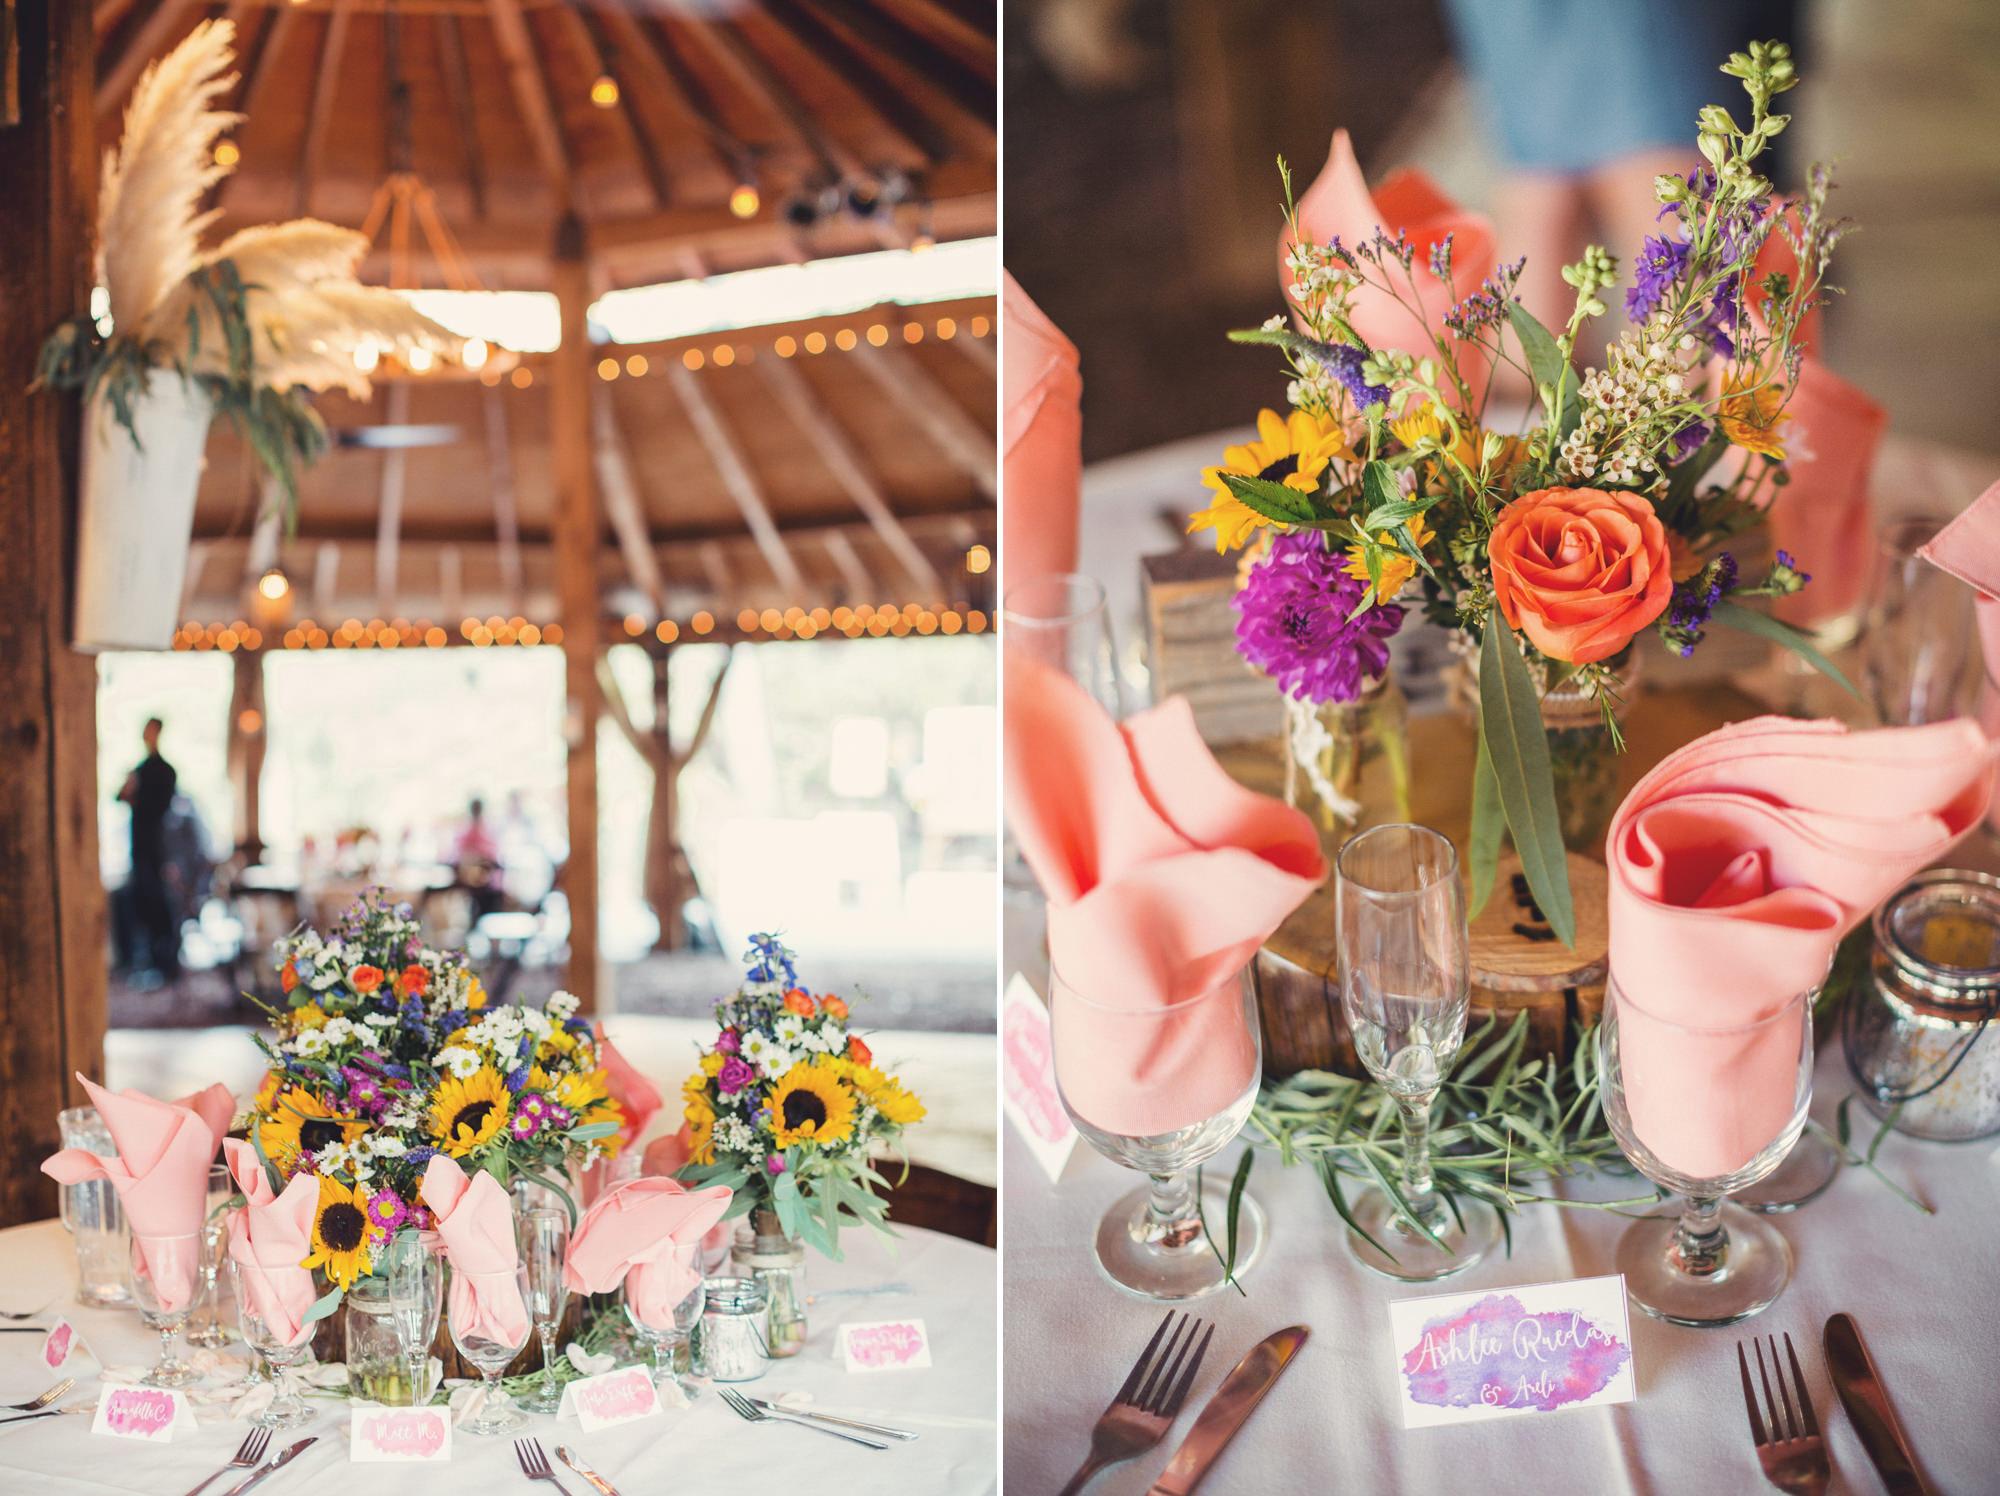 Rustic wedding in California ©Anne-Claire Brun 95